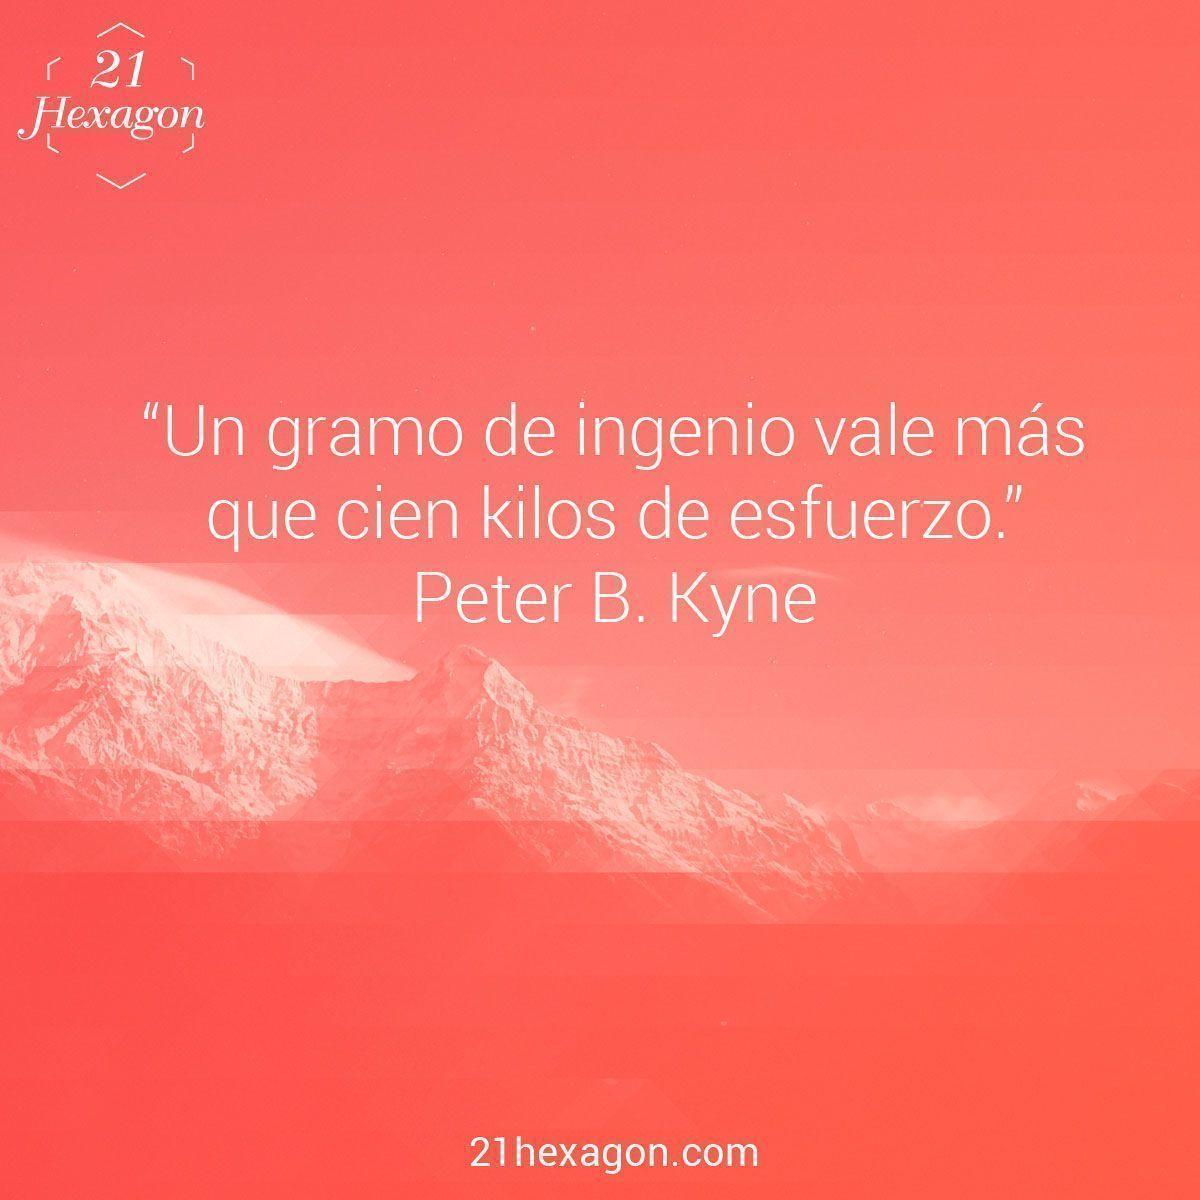 quotes_21hexagon_33.jpg